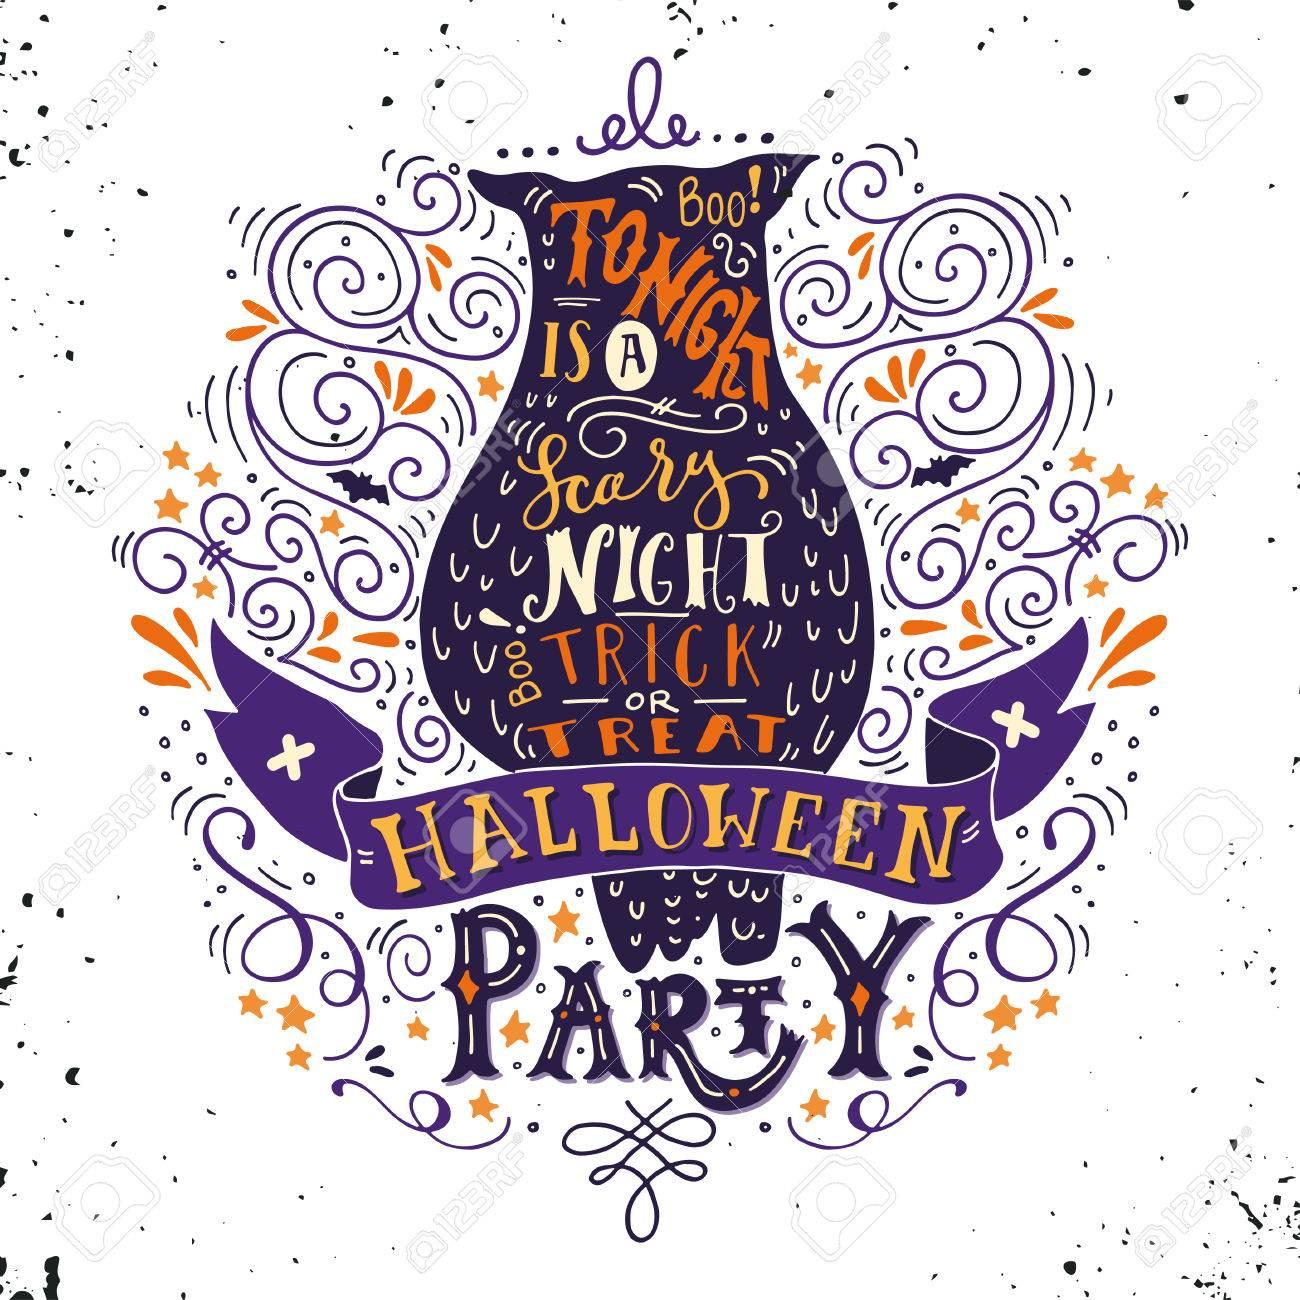 Cartel Del Partido De Halloween Con Un Viejo Búho Letras De La Mano Banner Y Adornos Esta Noche Es Una Fiesta Muy Asustadizo Truco O Trato Esta Ilustración Se Puede Utilizar Como